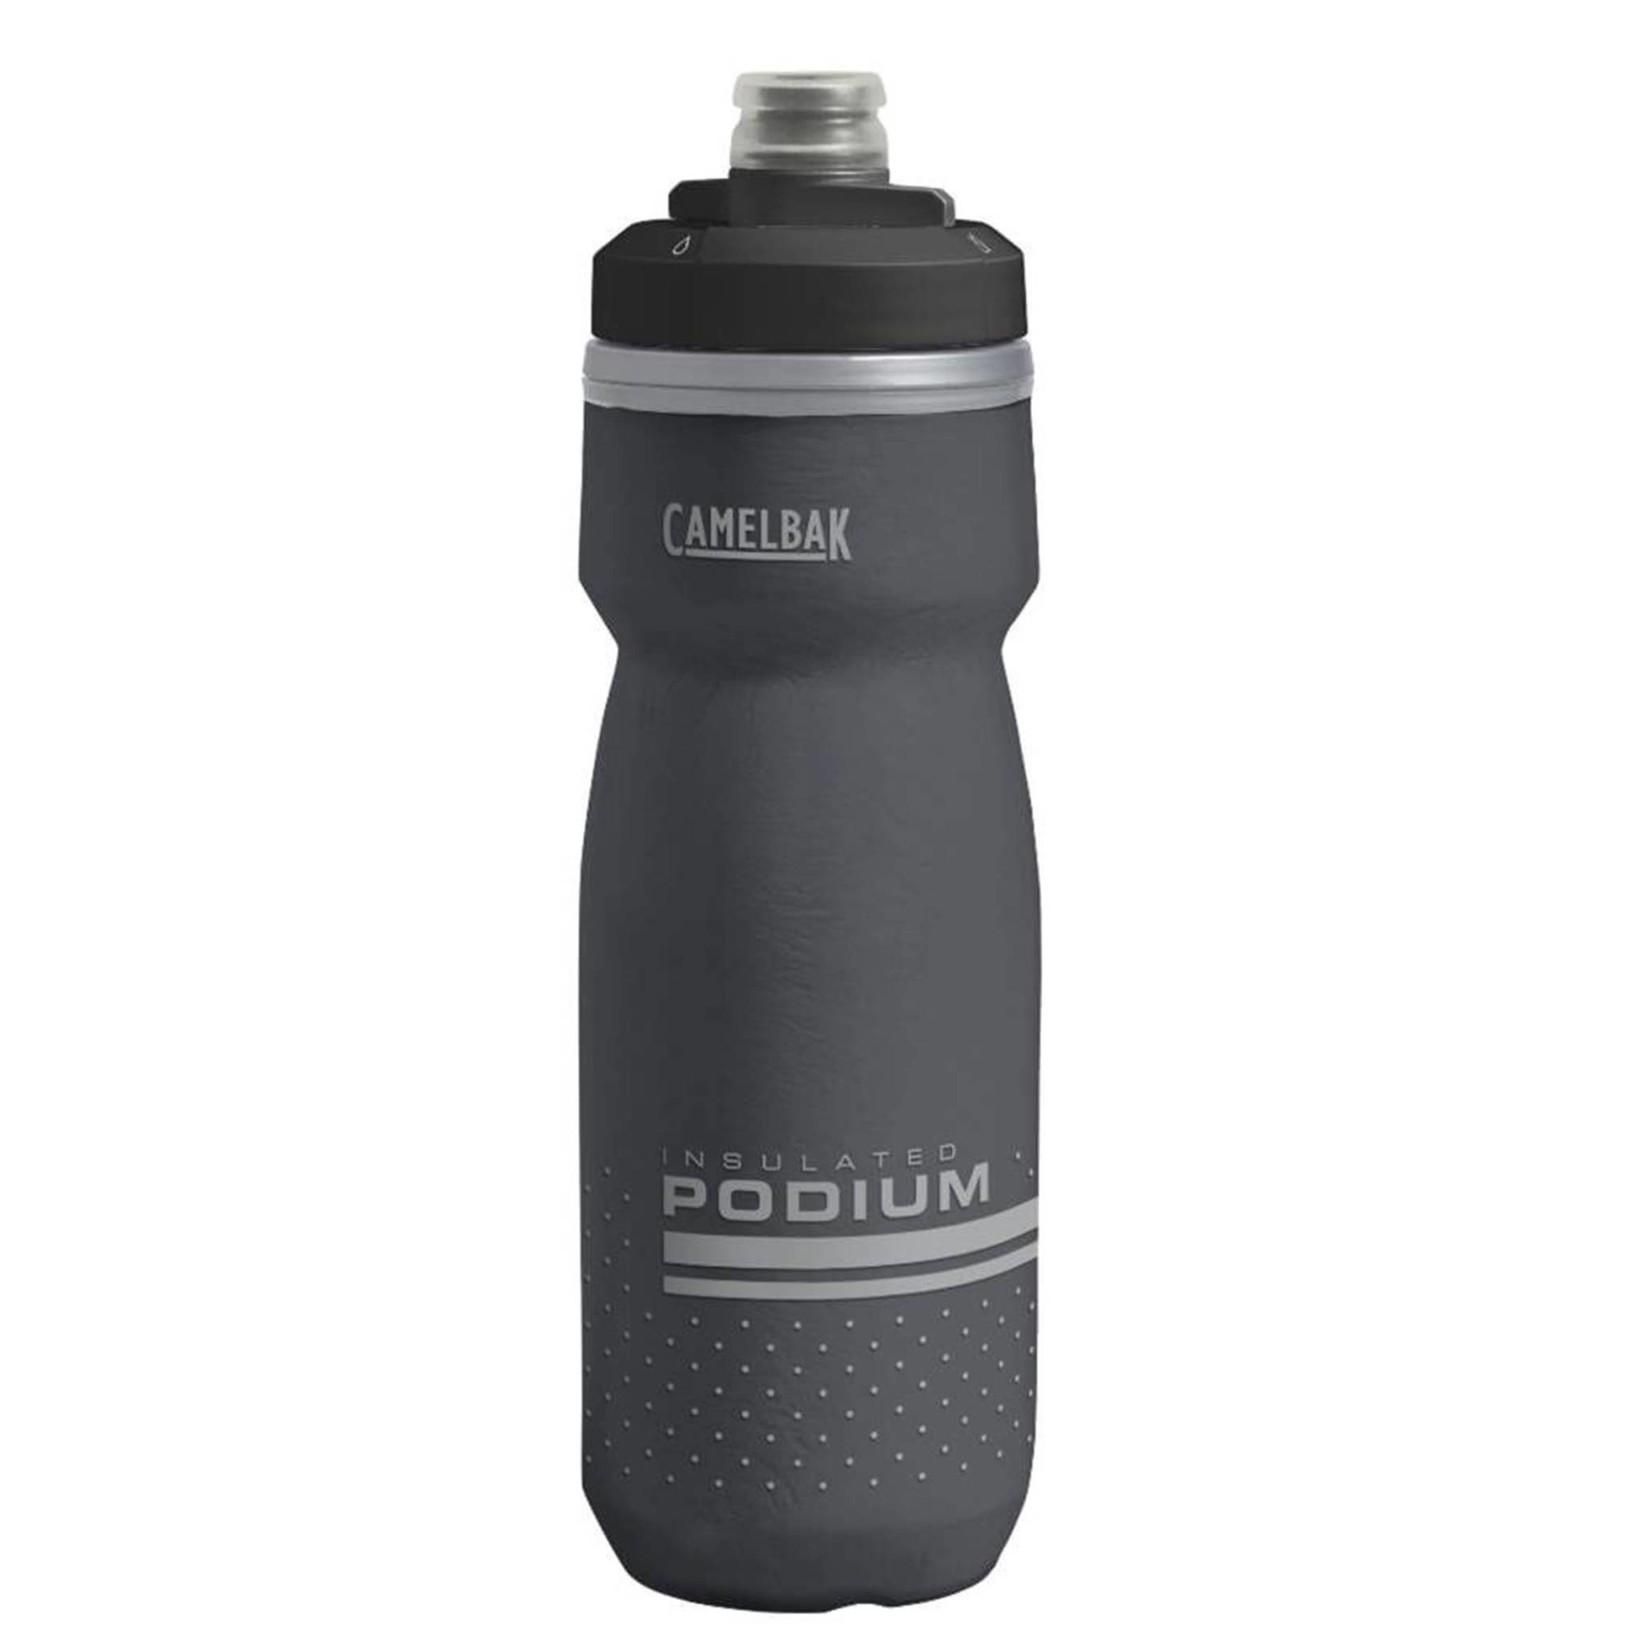 Camelbak Podium Chill Water Bottle Black 620ml